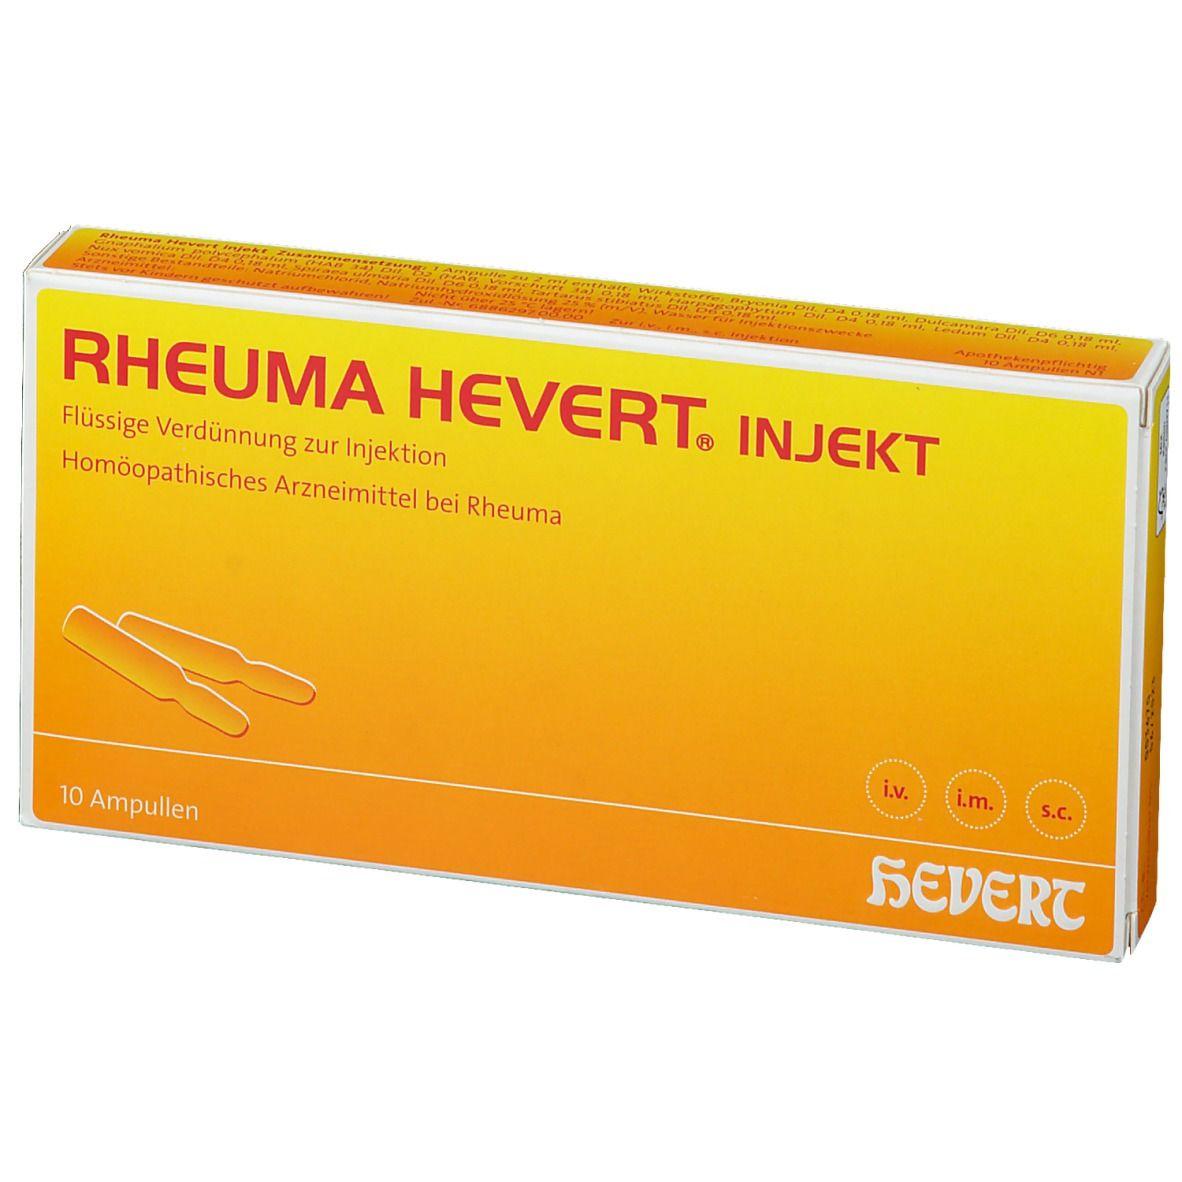 RHEUMA-HEVERT® INJEKT Ampullen